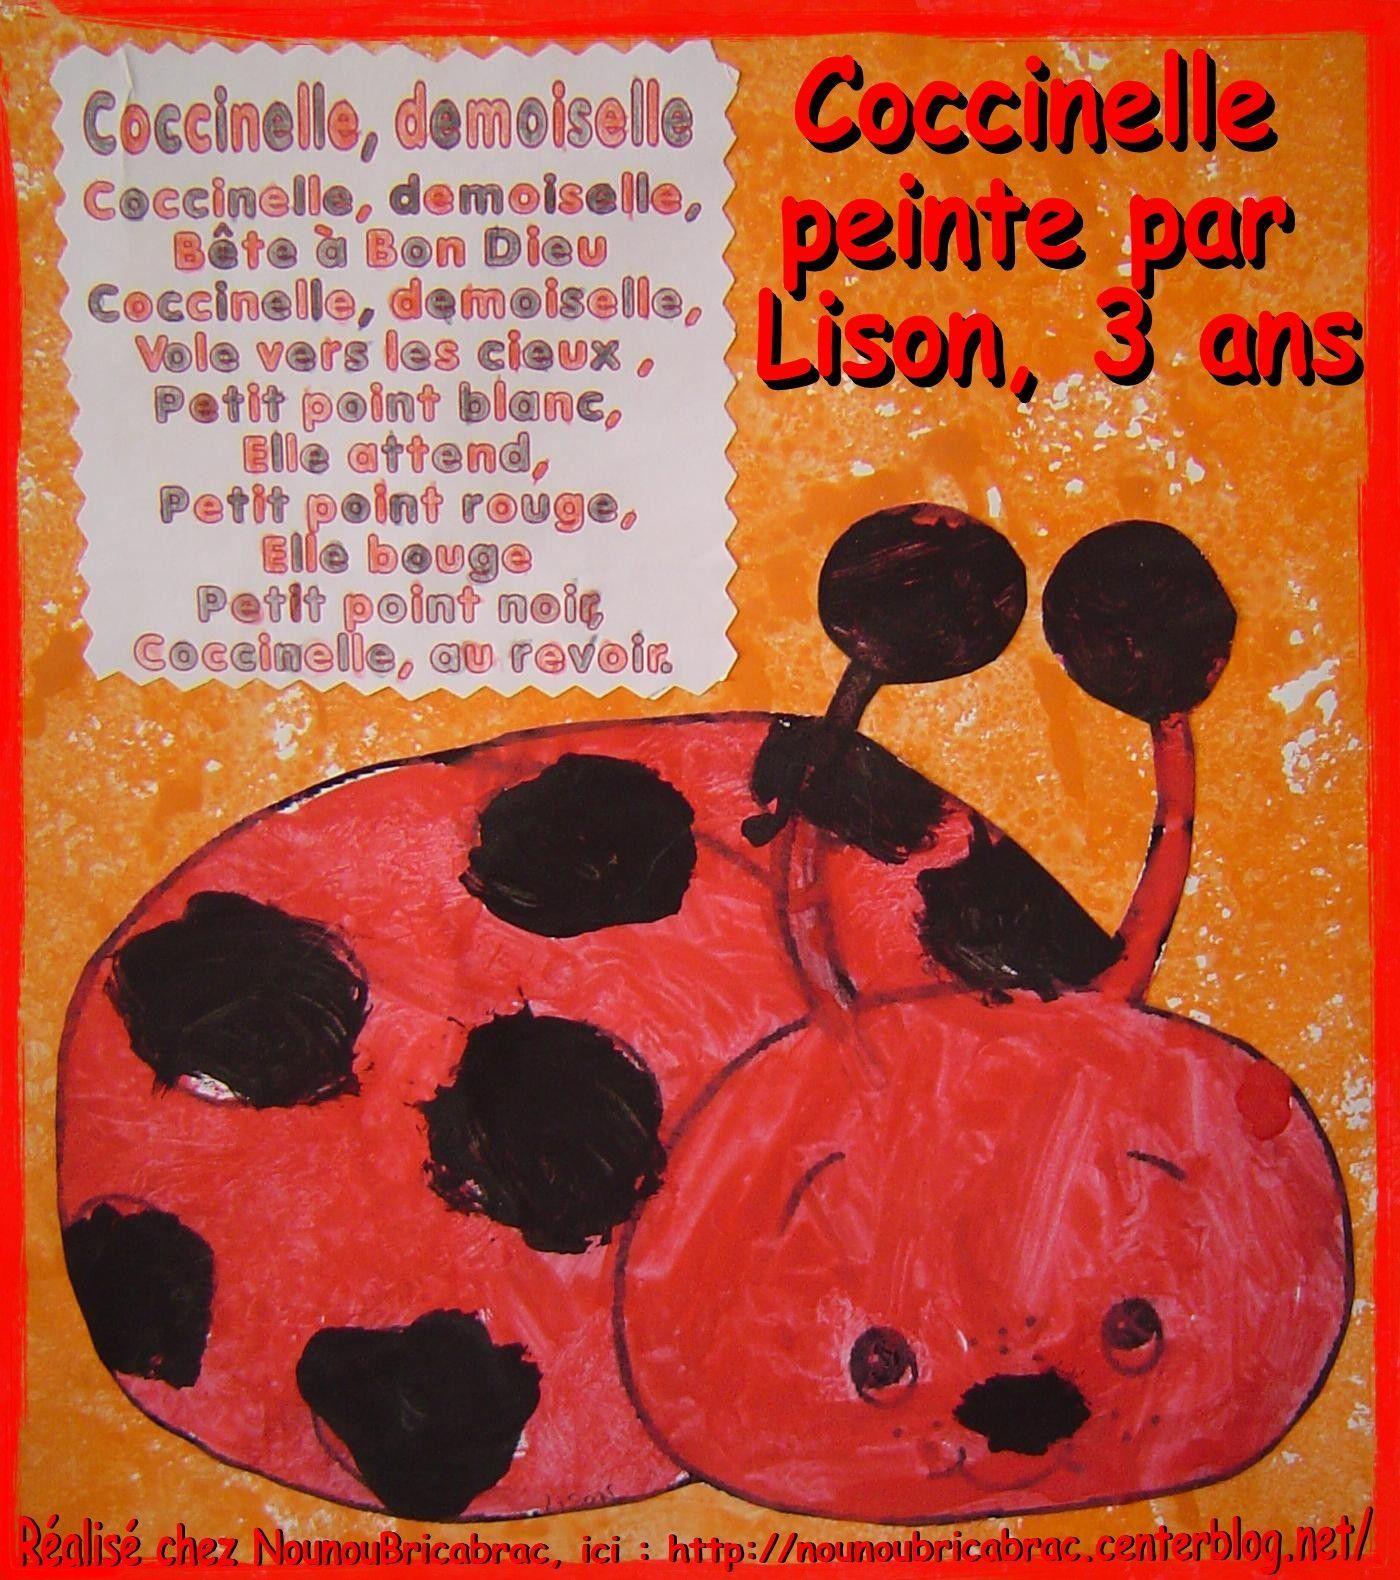 Coccinelle Demoiselle... Comptine pour enfants